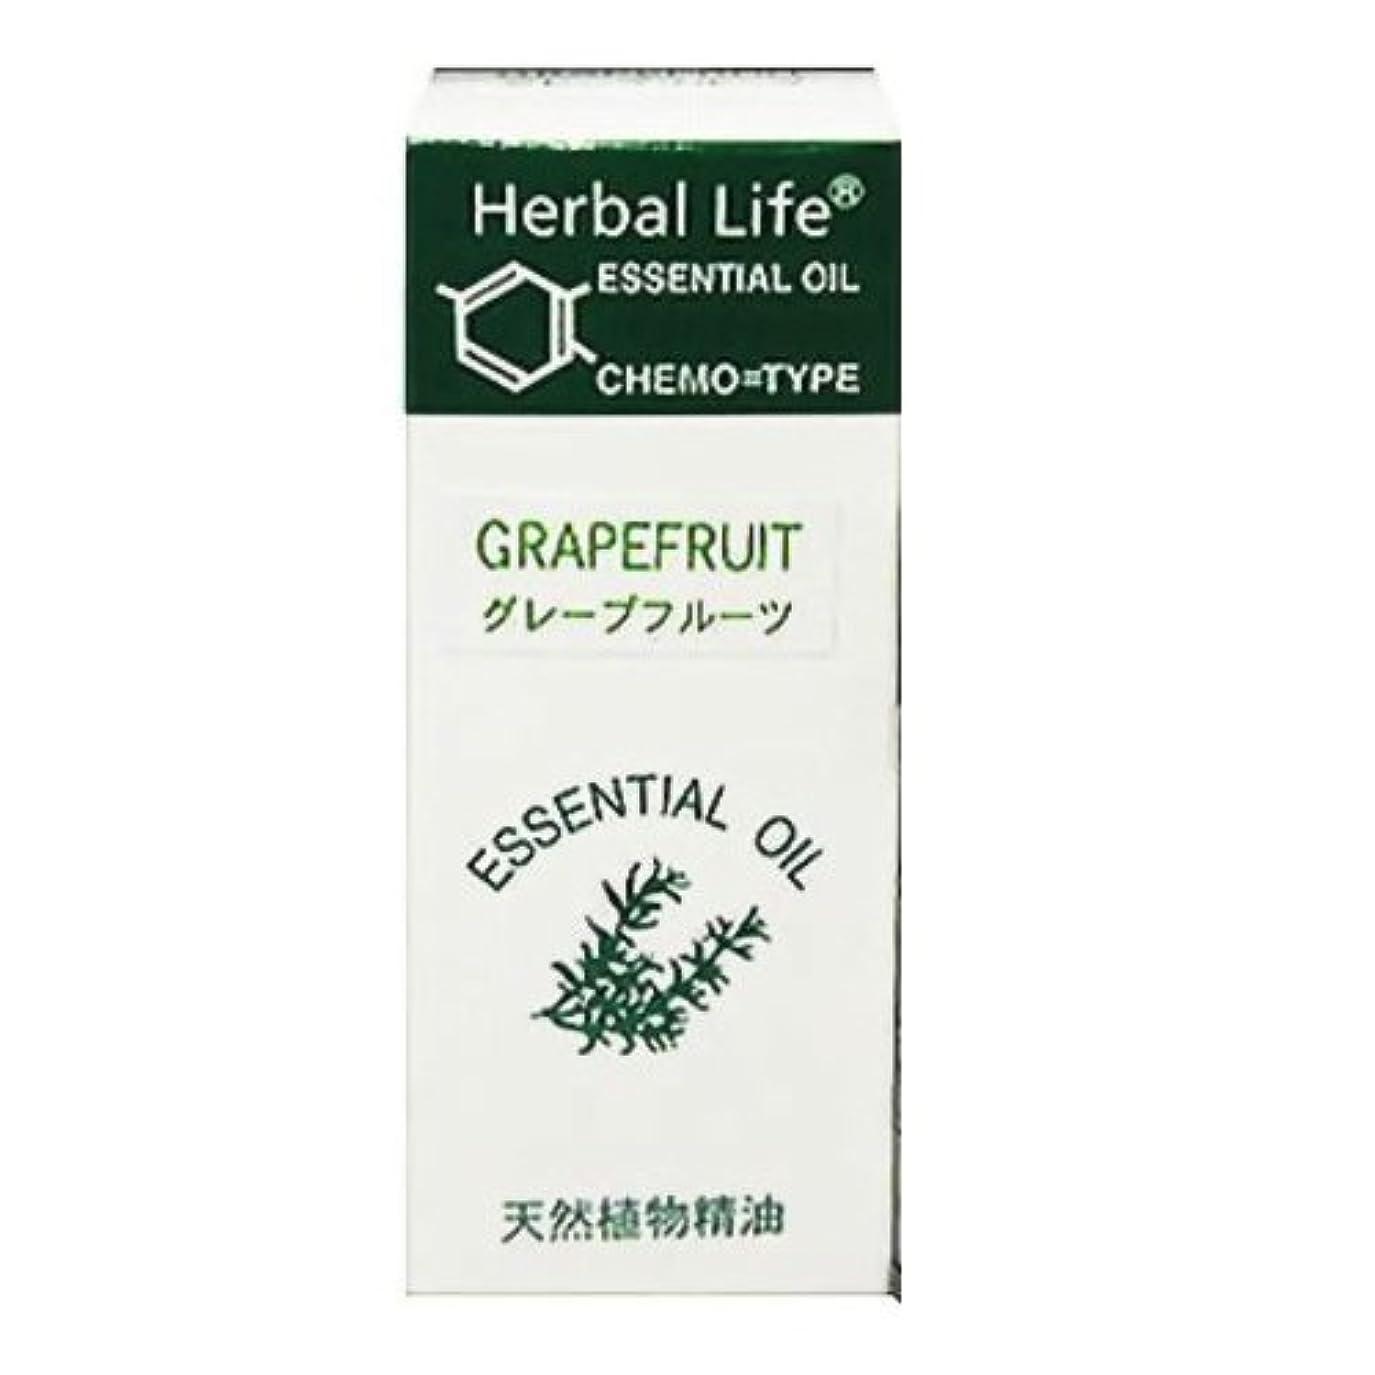 より良い部門化粧生活の木 エッセンシャルオイル グレープフルーツ 10ml